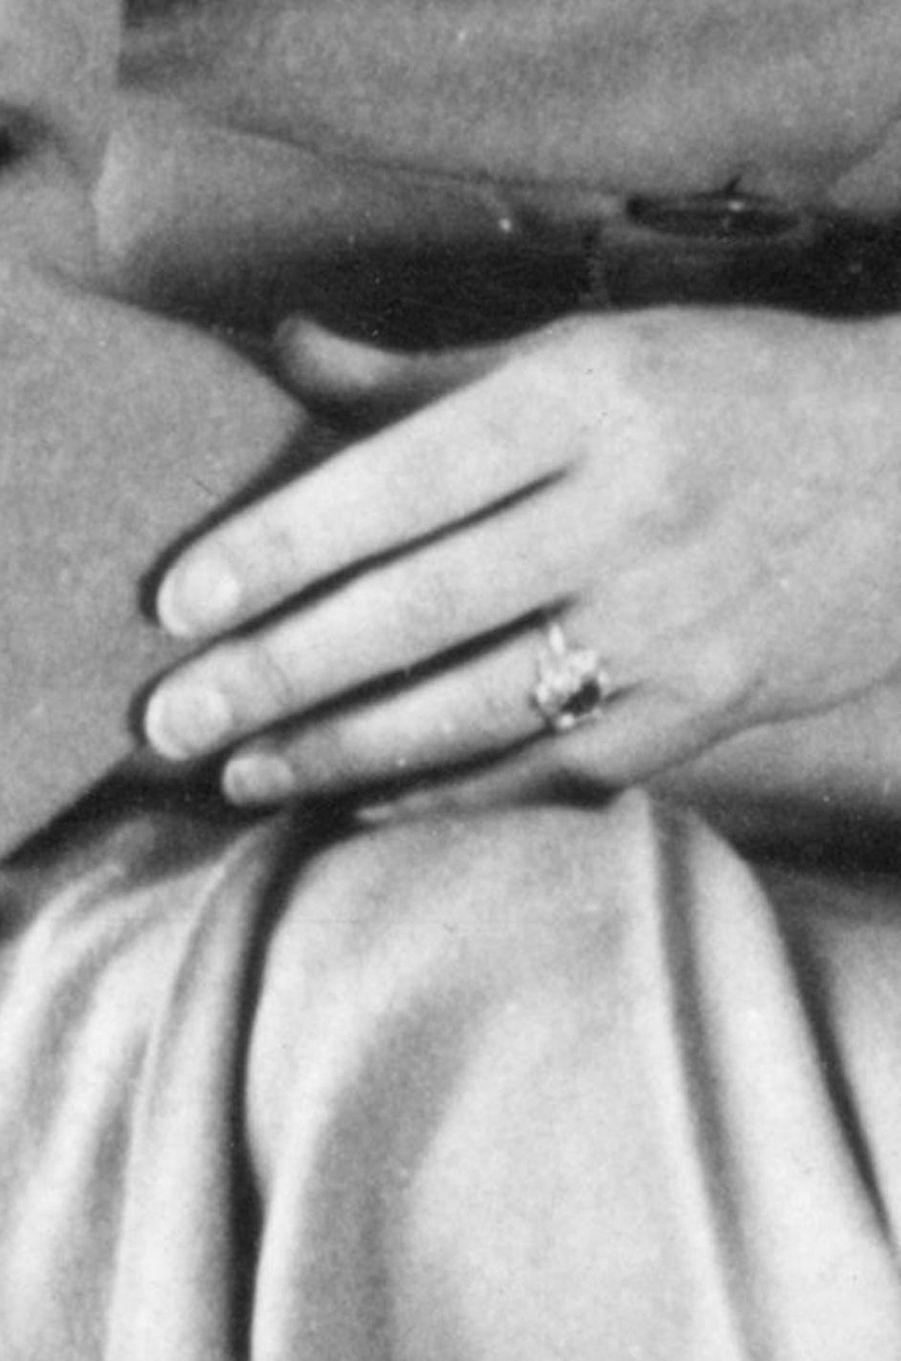 La bague de fiançailles de la princesse Margaret